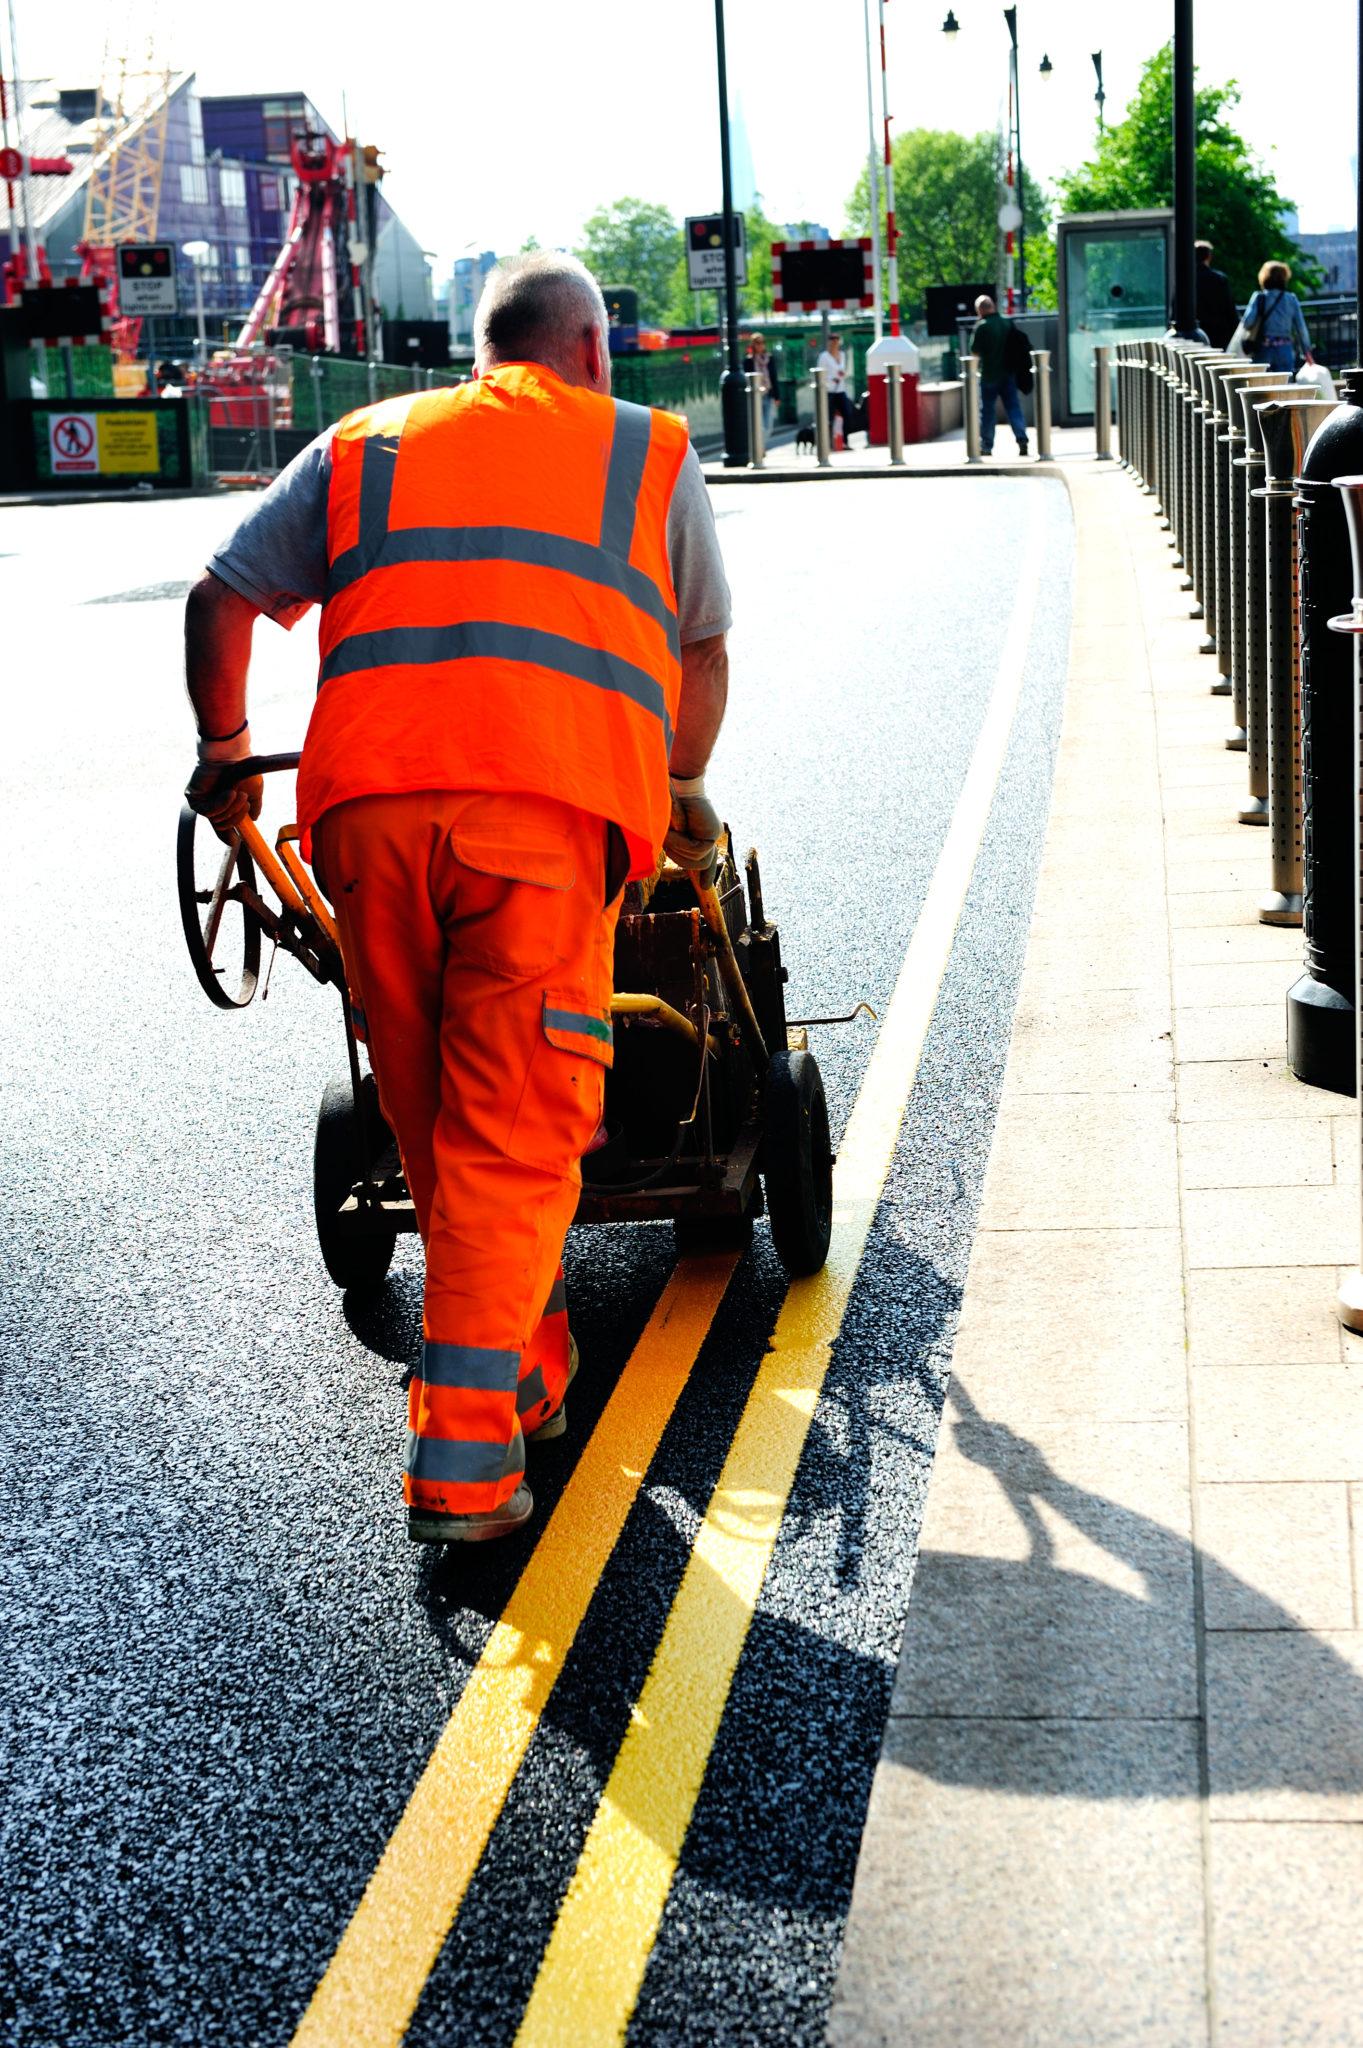 Man repairing road